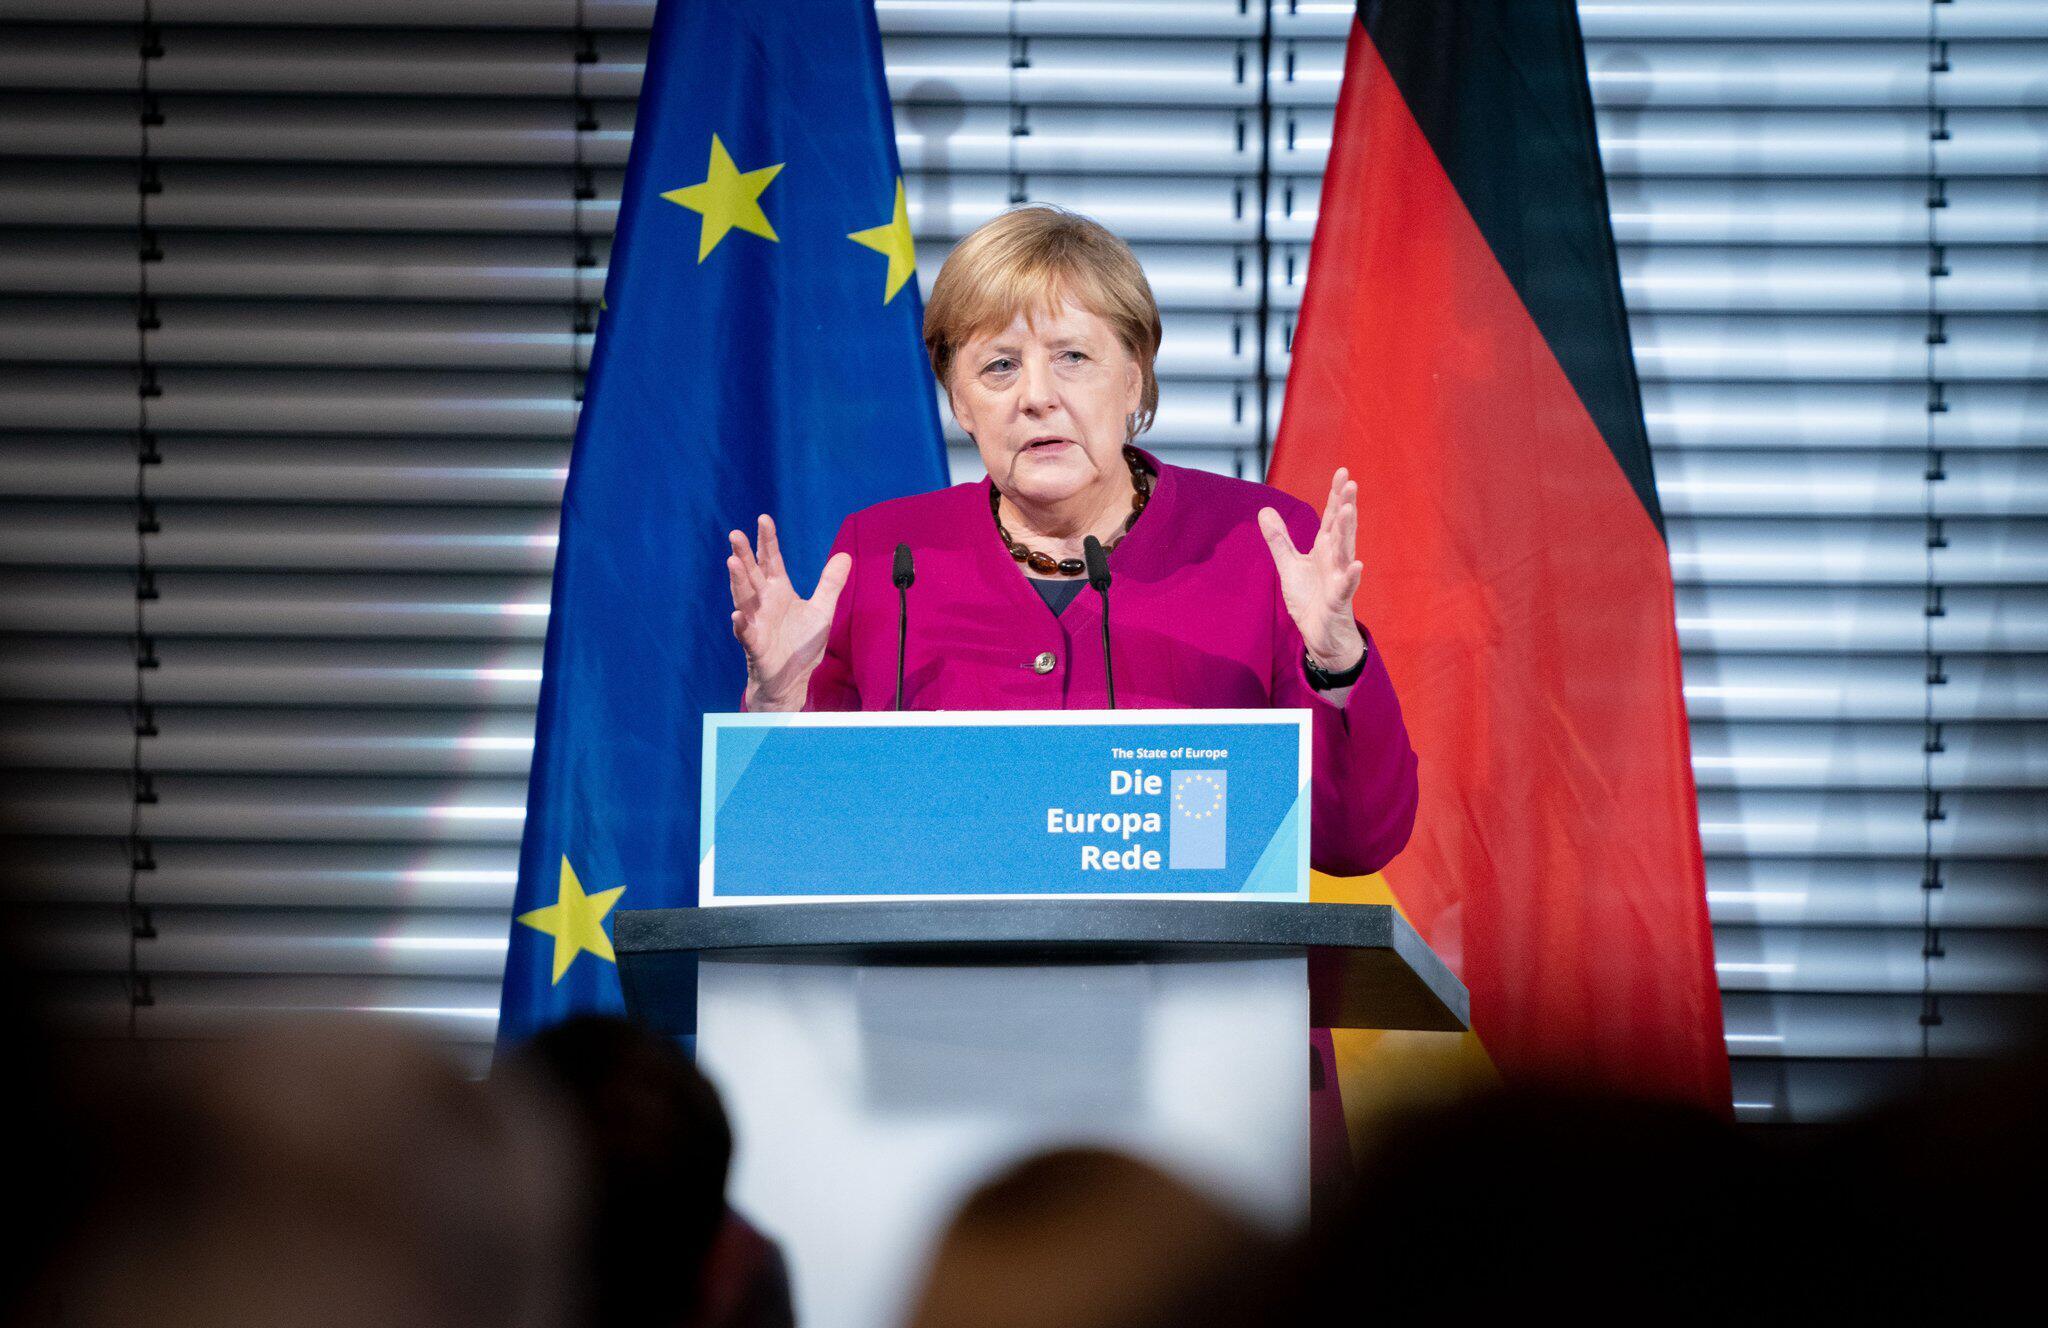 Bild zu Europa-Rede der designierten EU-Kommissionspräsidentin